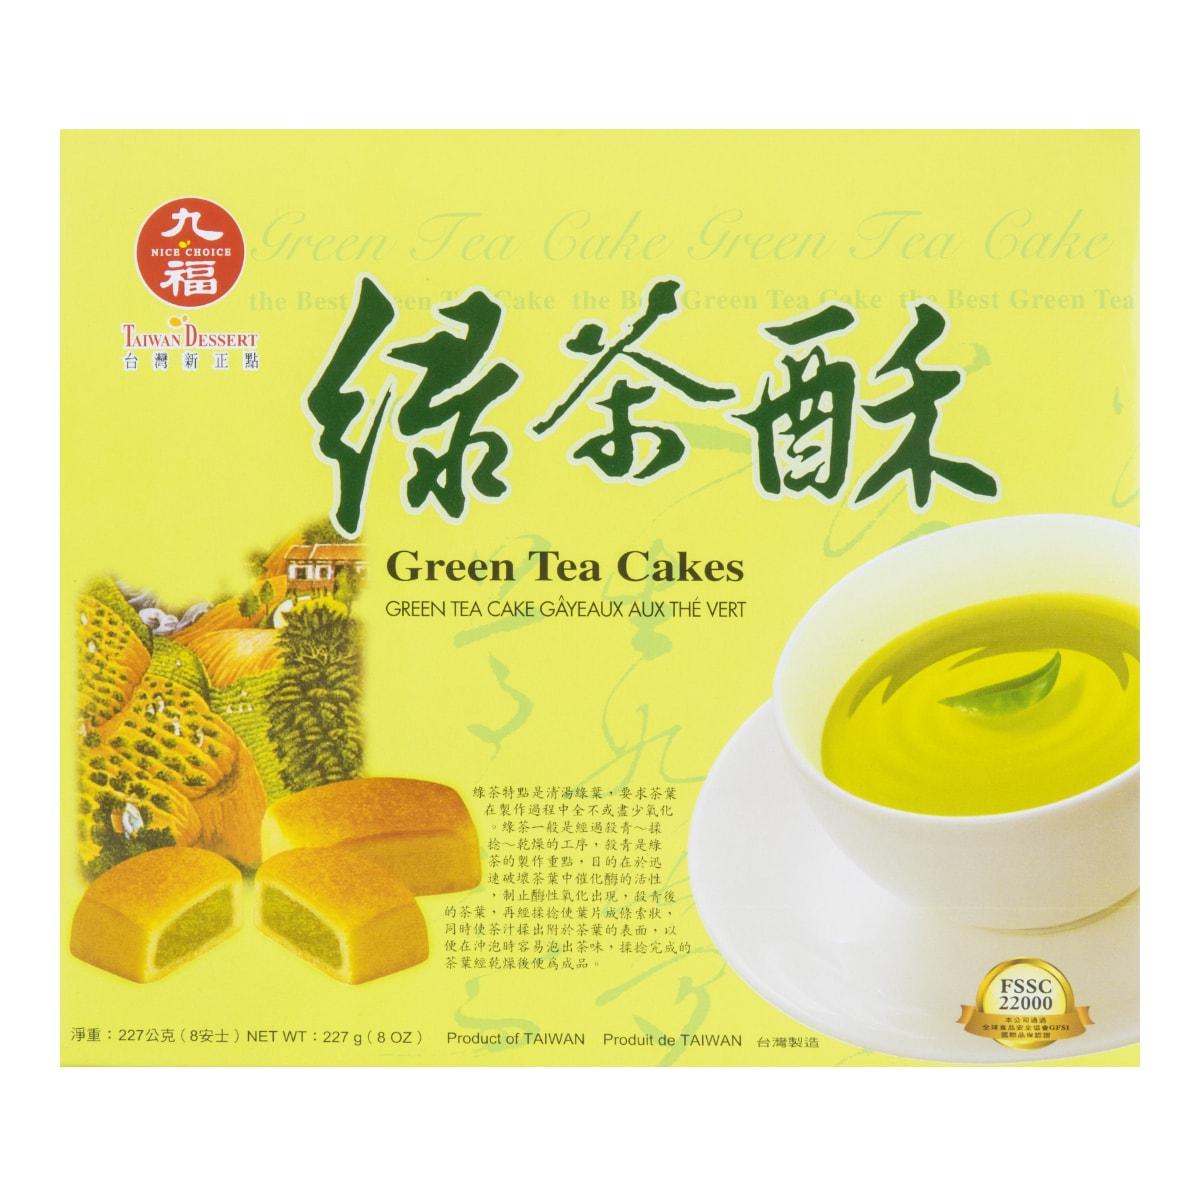 台湾九福 新正点 绿茶酥 227g